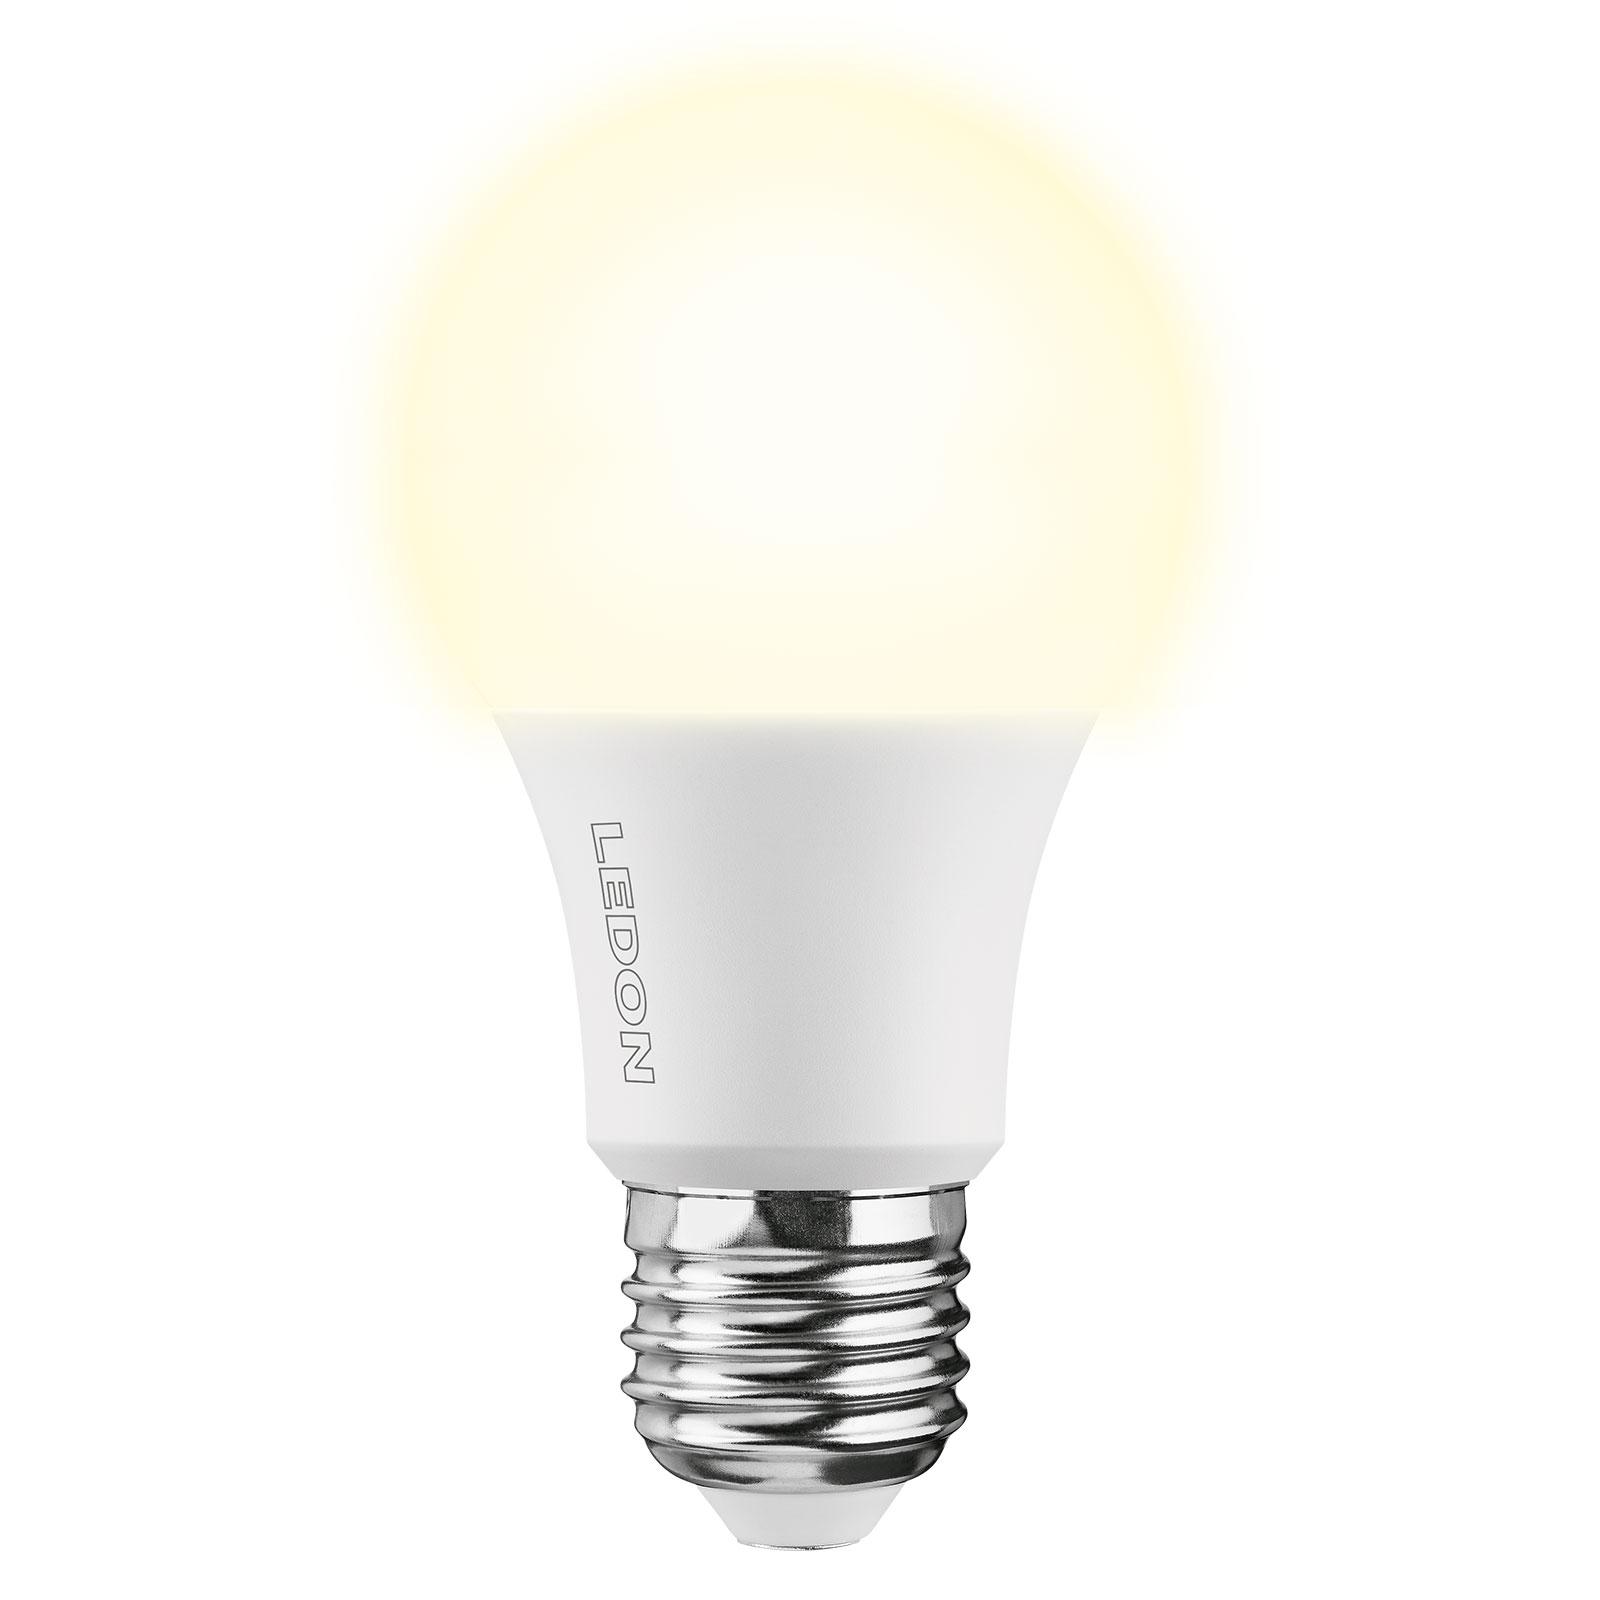 Ledon LED žárovka E27 9,5W, teplá bílá 927 nestmívatelná